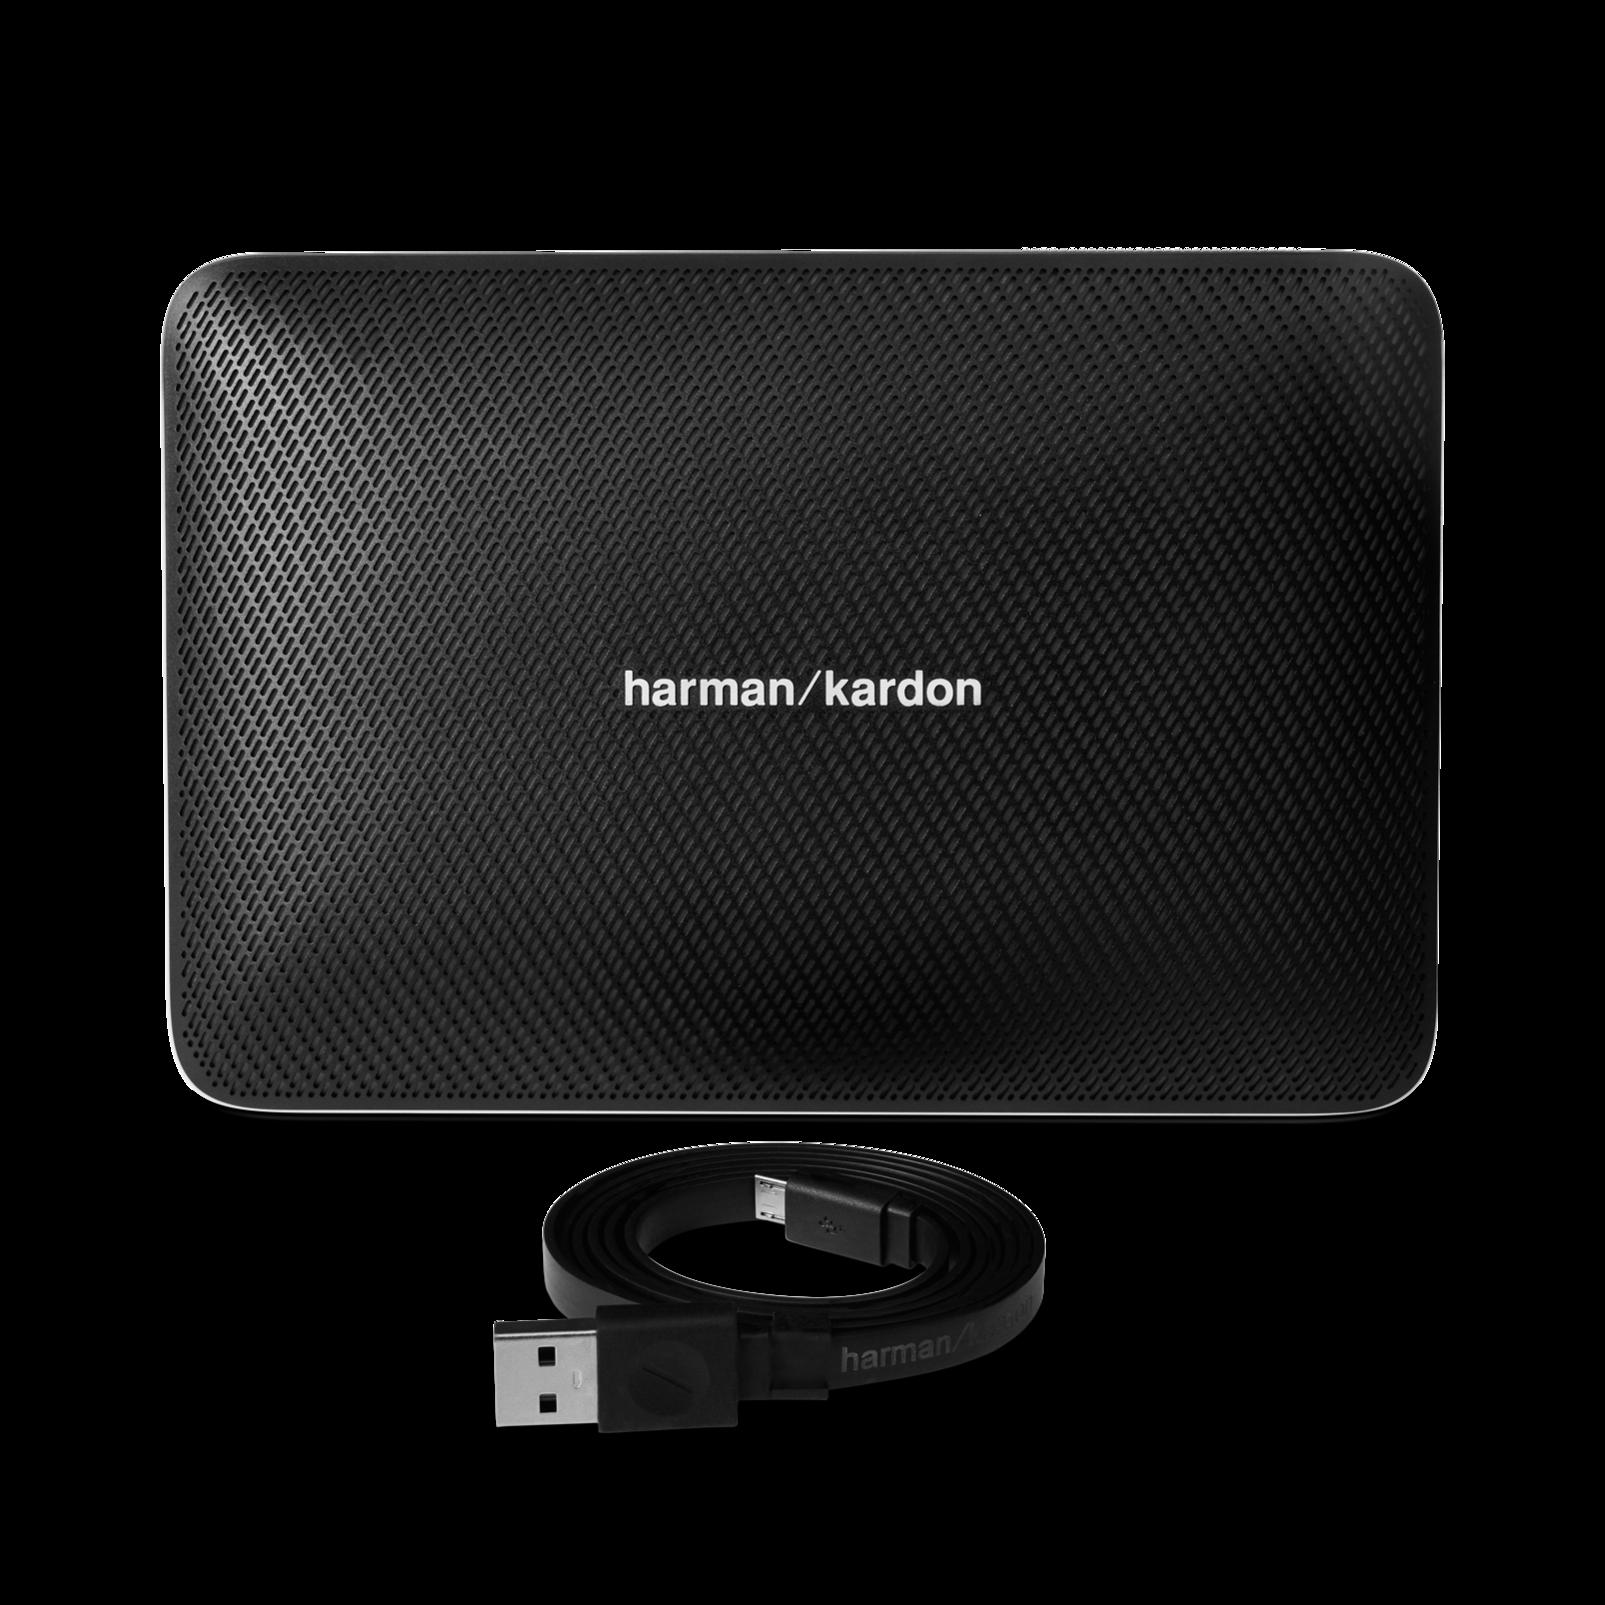 esquire 2 enceinte bluetooth portable haut de gamme aveckit mains libres quatre microphones. Black Bedroom Furniture Sets. Home Design Ideas